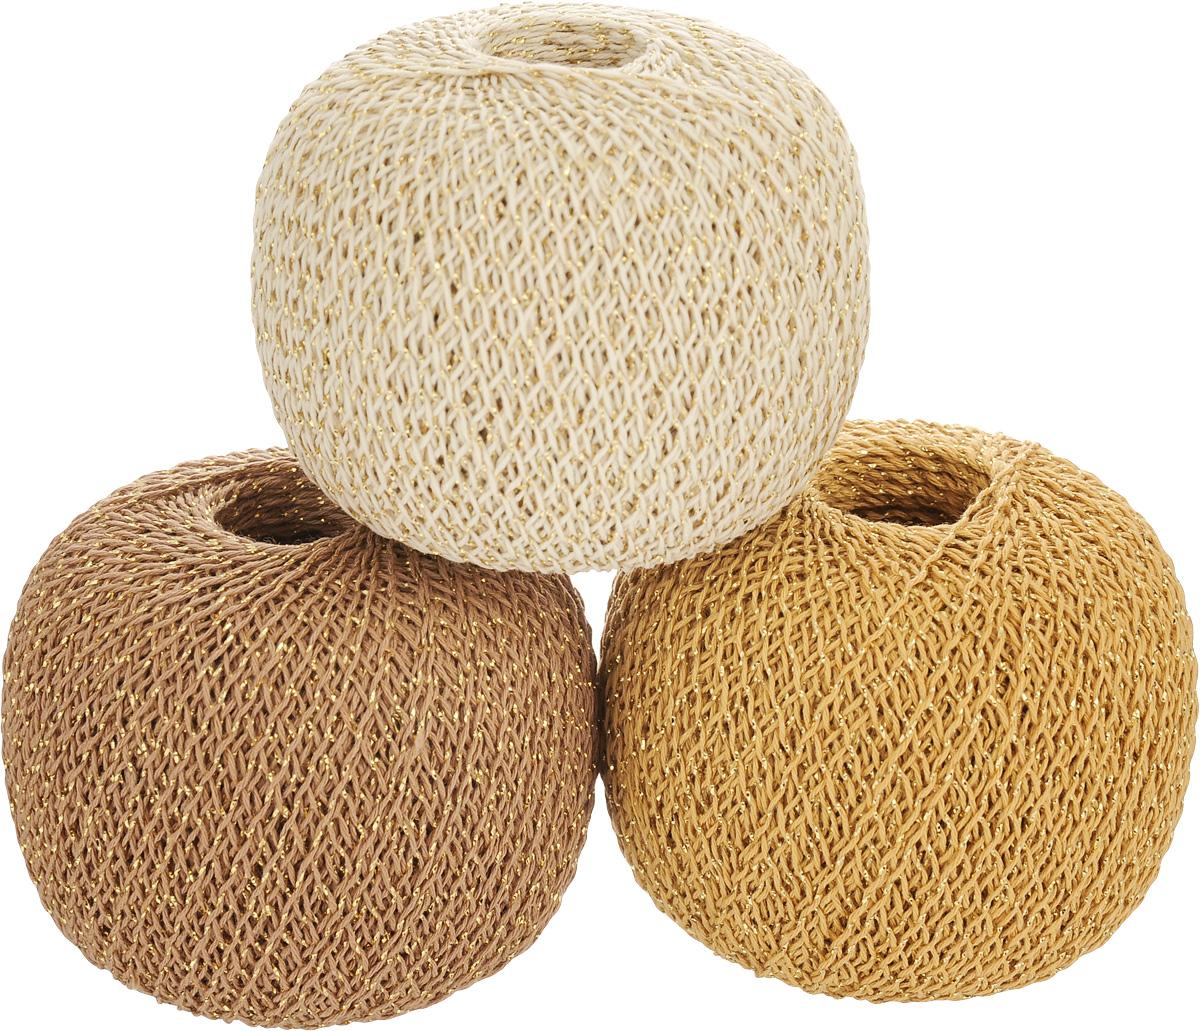 Нитки вязальные Золотые шары, комбинированные, цвет: бежевый, оранжевый, коричневый, 390 м, 50 г, 3 шт0192804601778Вязальные нитки Золотые шары изготовлены из 86% хлопка и 14% люрекса. Добавление люрекса придает нитке блестящий праздничный вид. Изделие, связанное из такой нити, легко набирает и легко отдает влагу. Окраска устойчива, особо прочная. В наборе - 3 клубка. С их помощью вы сможете связать своими руками необычные и красивые вещи. Вес: 50 г. Длина нити: 390 м.